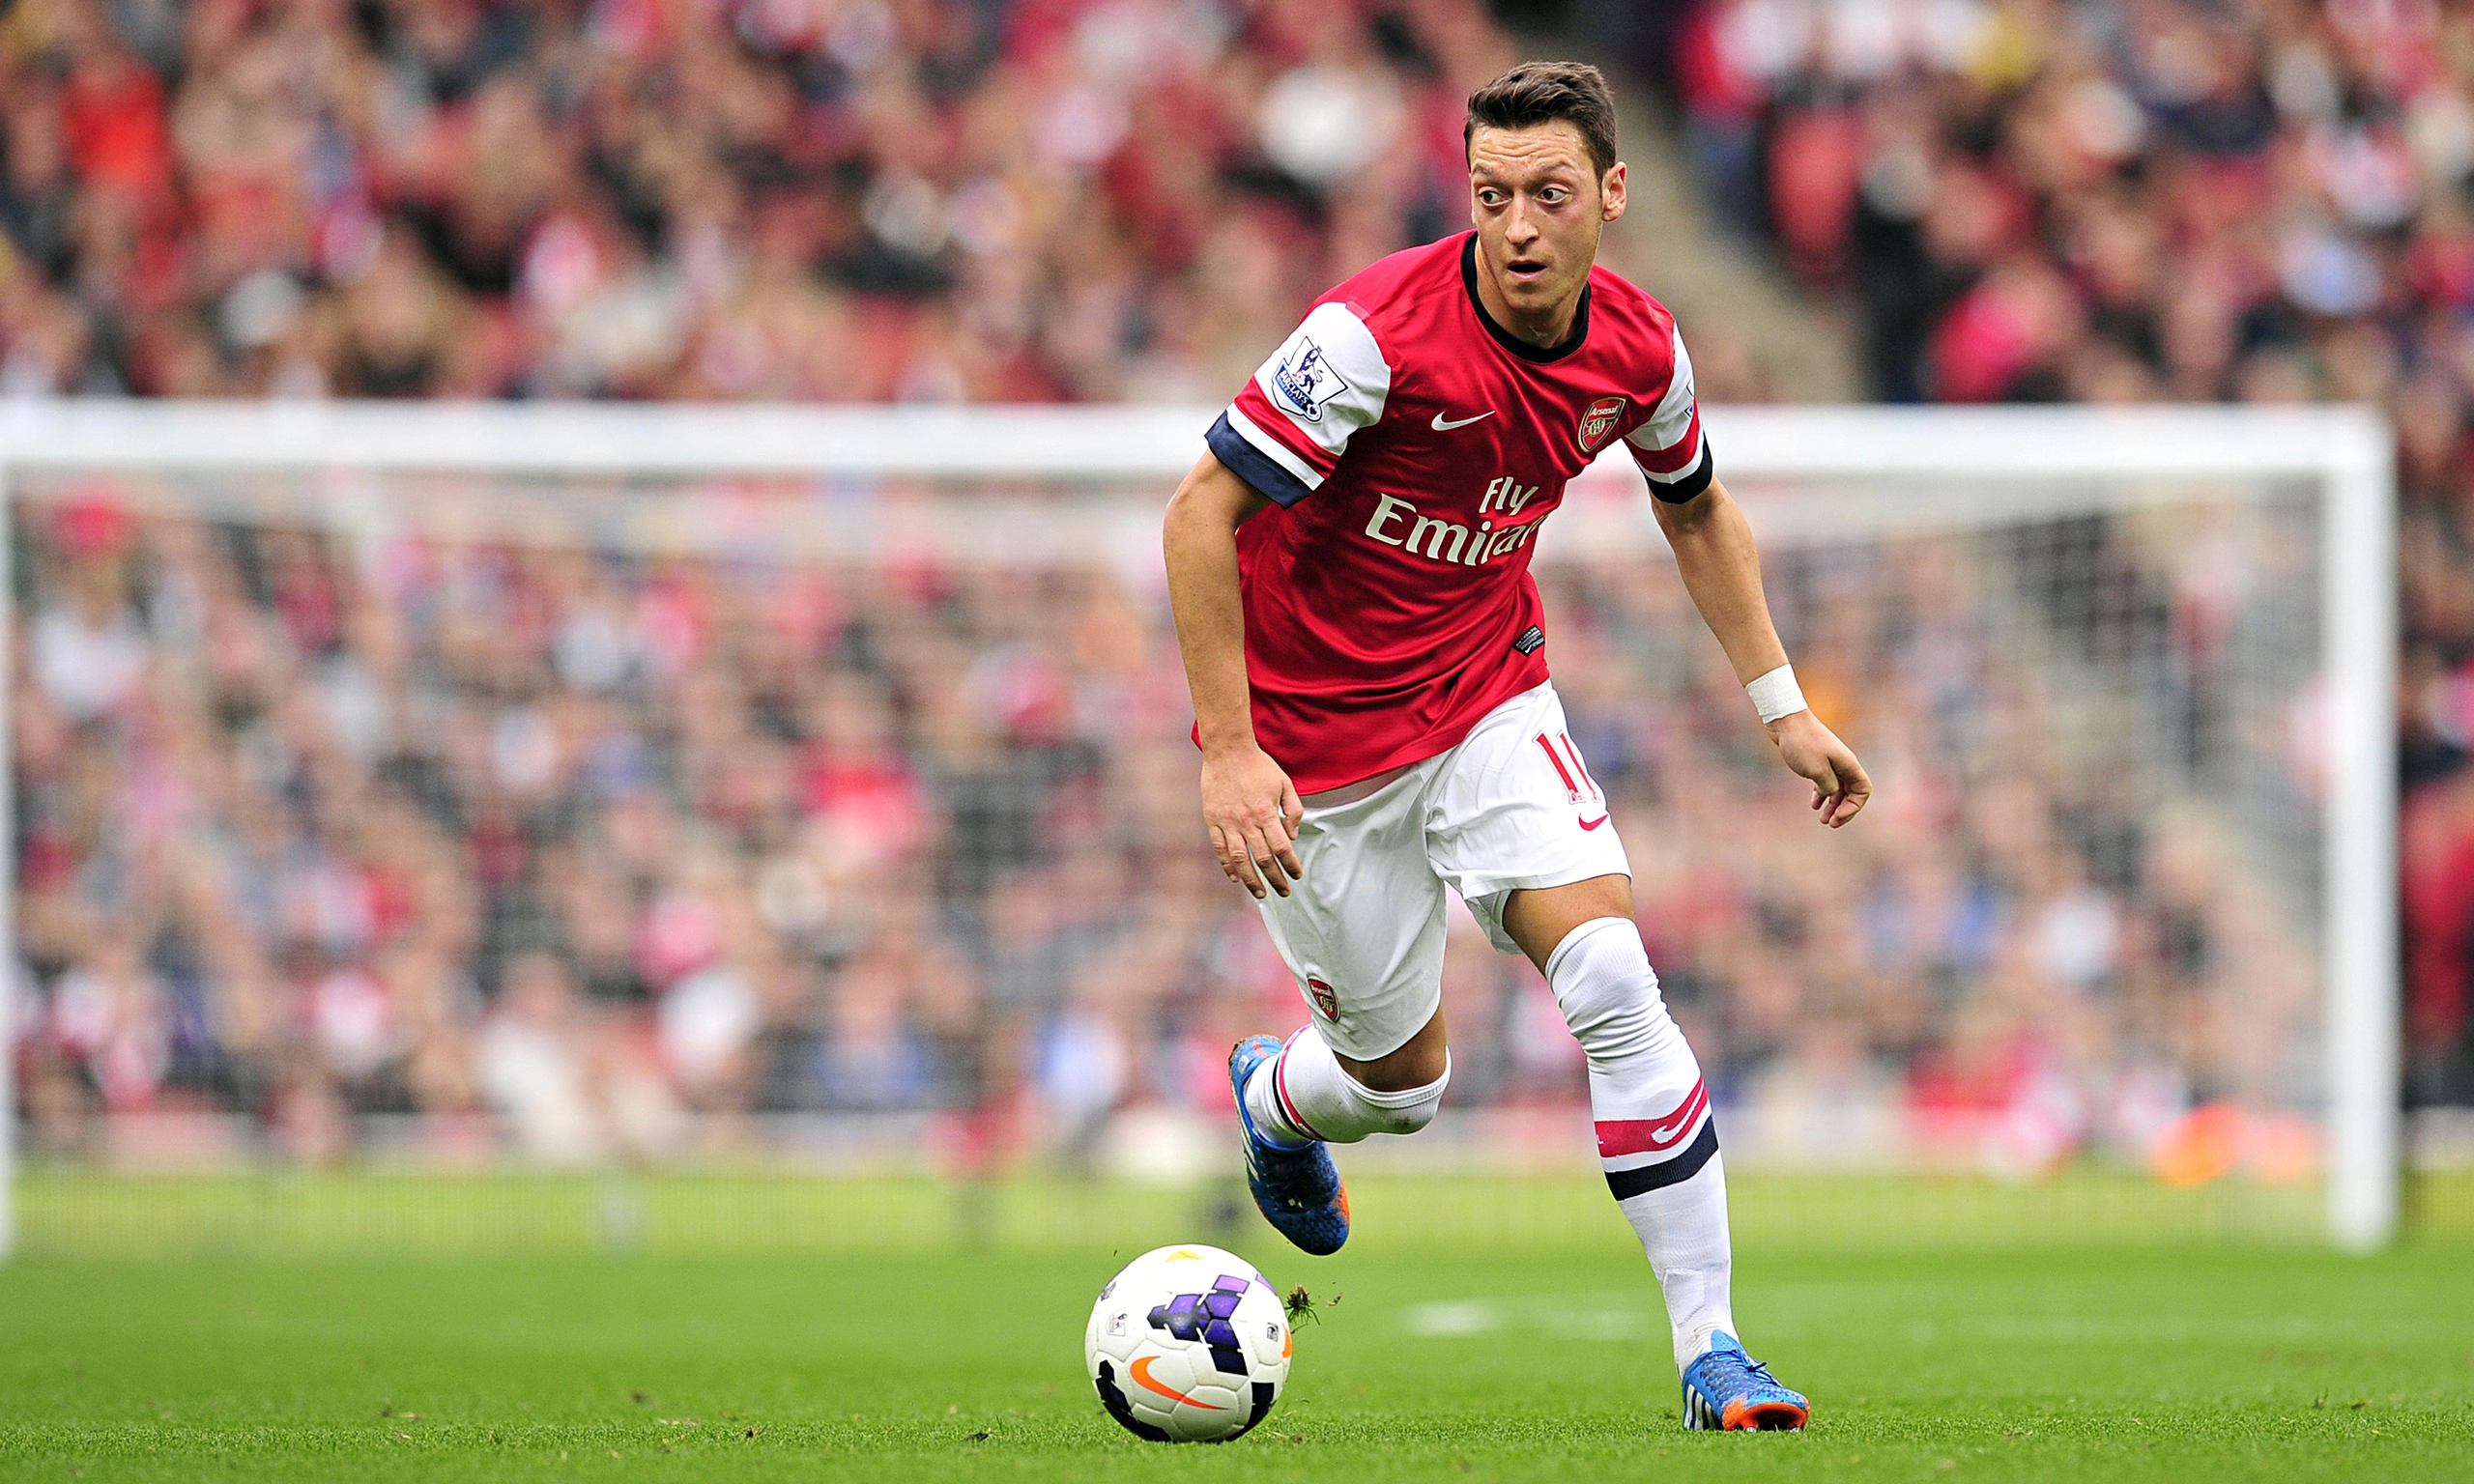 Las 5 cosas que no sabías de Mesut Özil